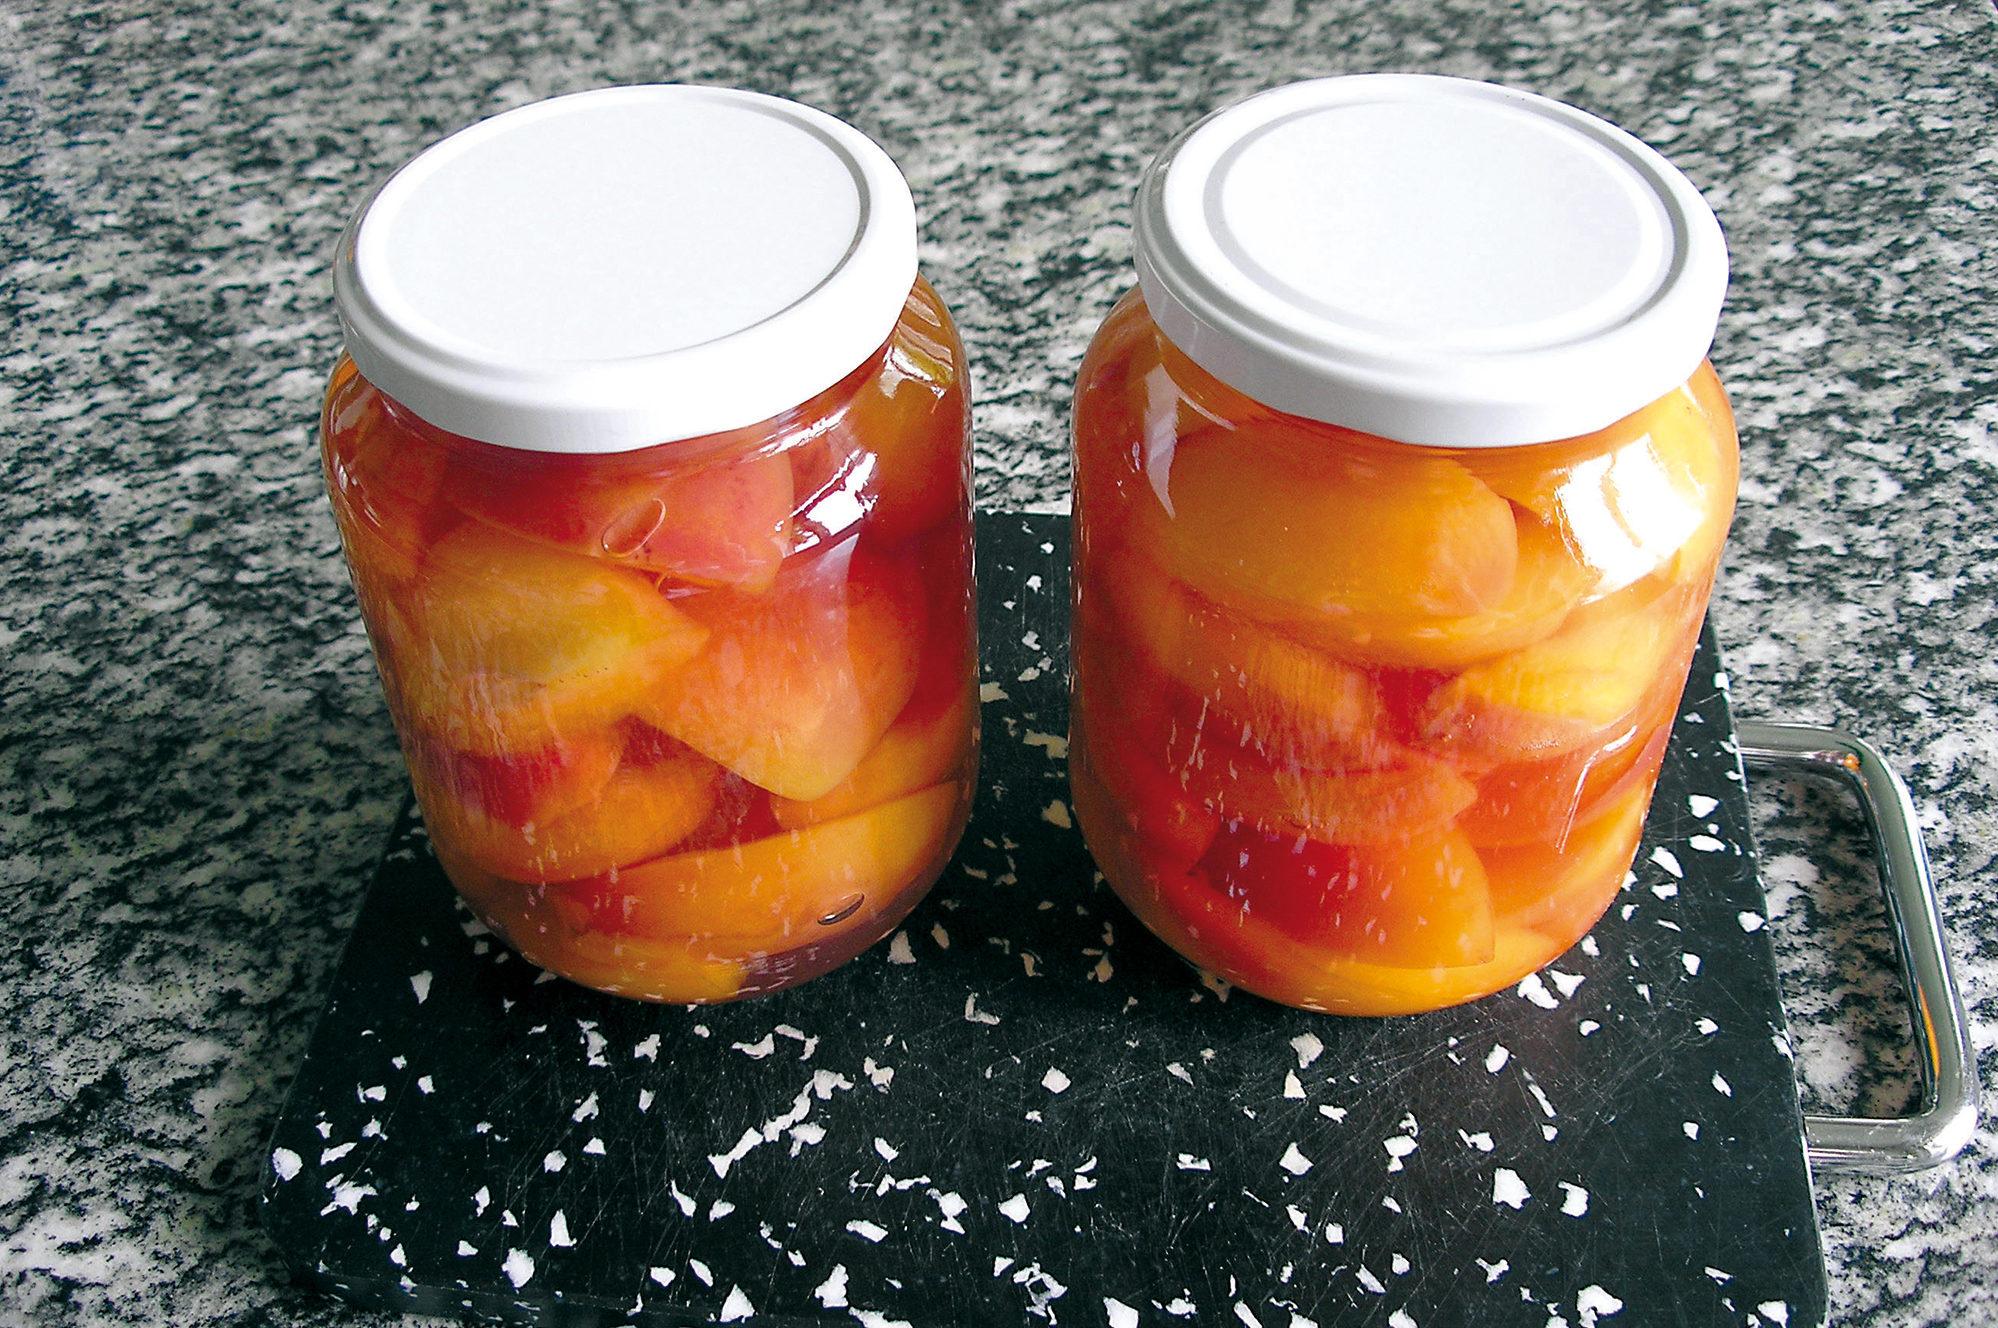 Bild: Aprikosen, eingemacht